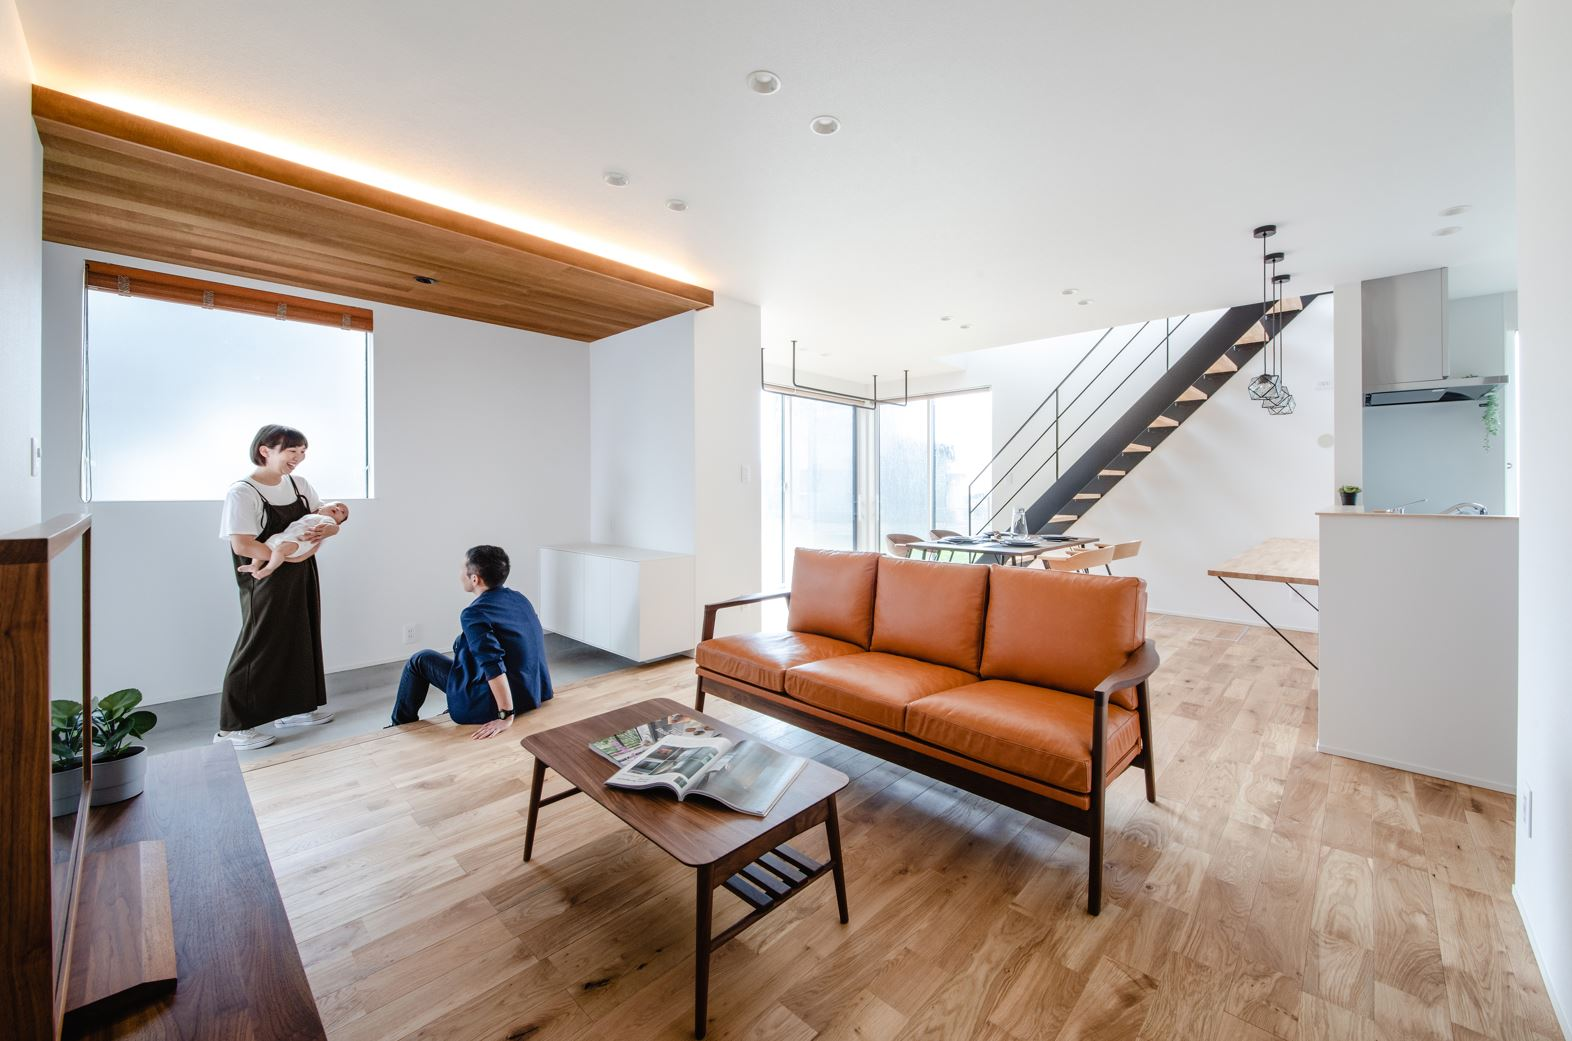 S.CONNECT(エスコネクト)【デザイン住宅、省エネ、建築家】玄関、LDK、庭と空間が一続きに繋がっており、家族が自然にリビングに集まる